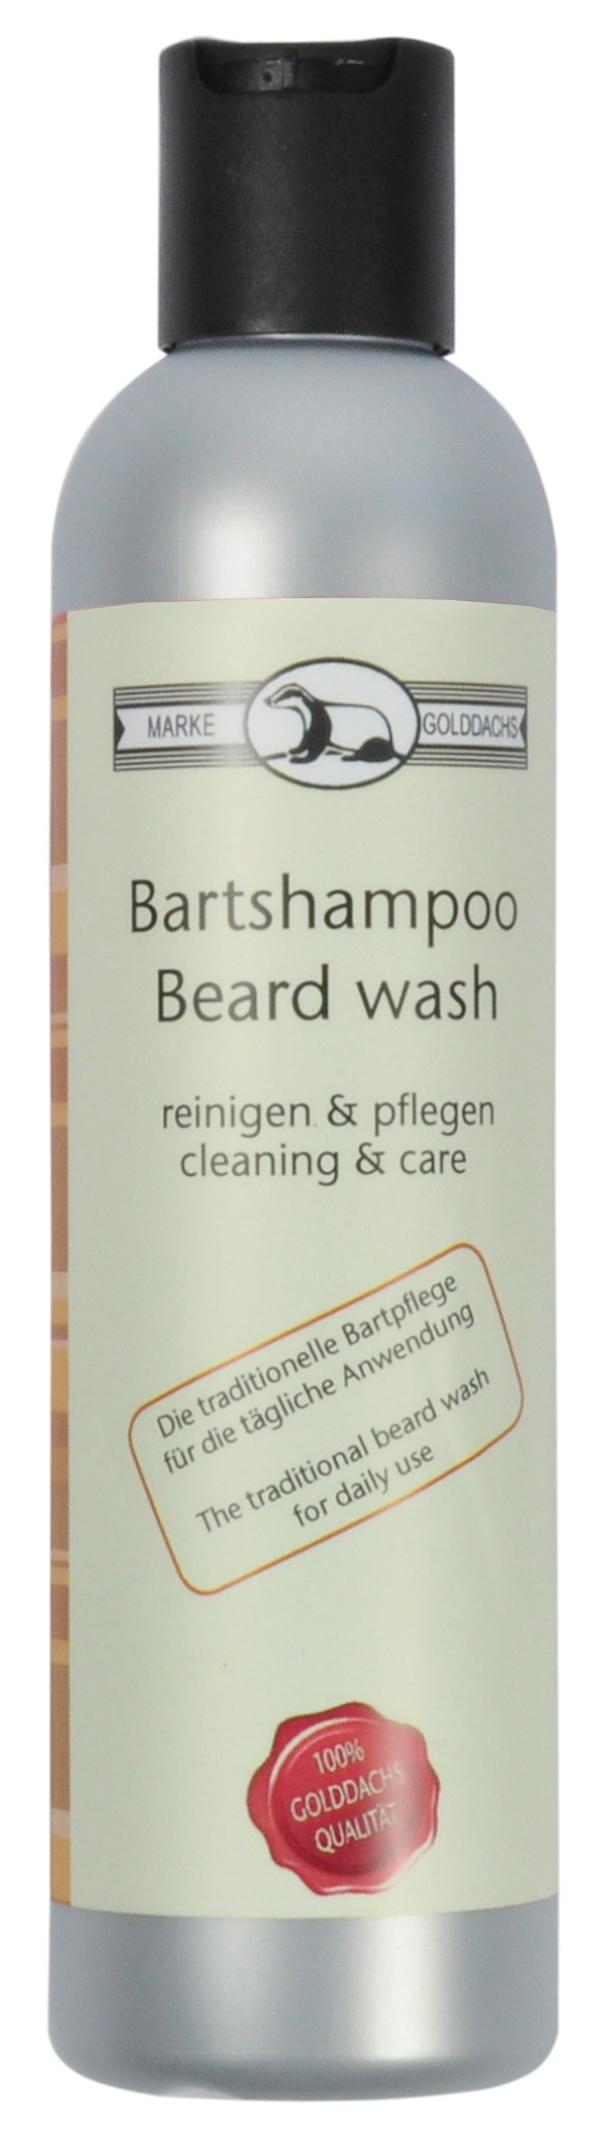 Golddachs Bartshampoo